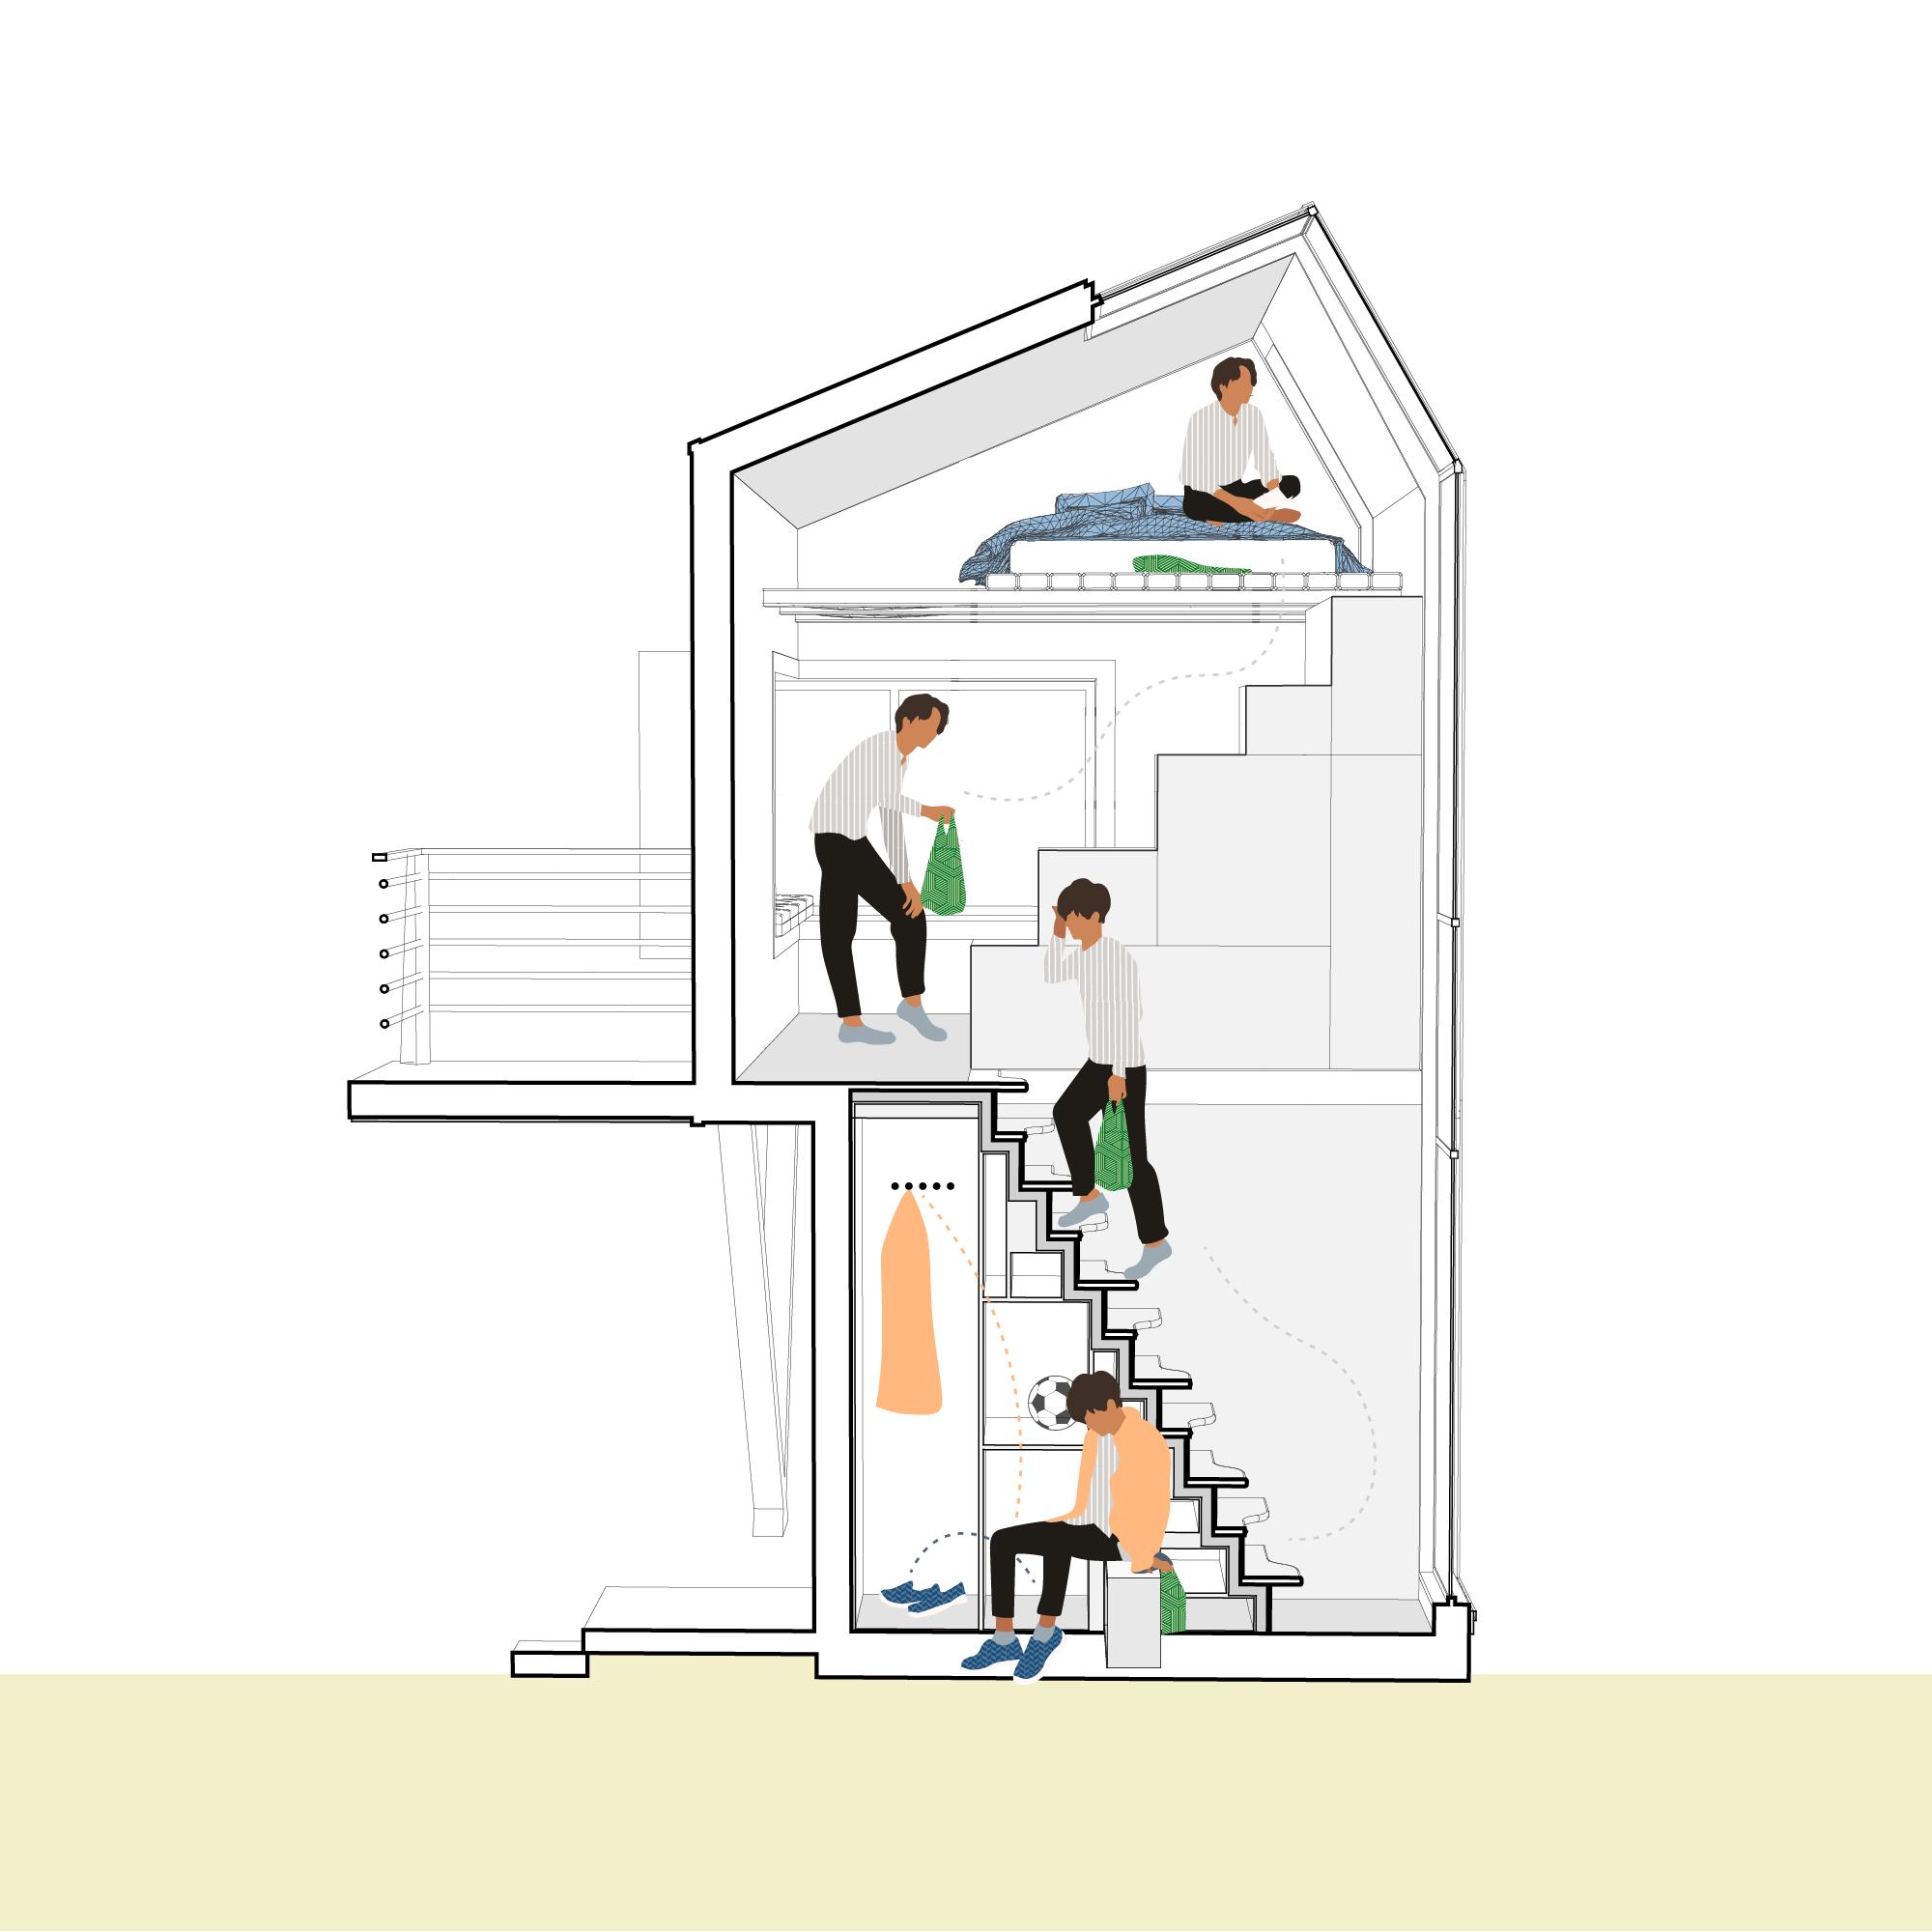 Humble Design Collective: Adam Gerard Wojcik, Cibele Guimarães, & Emily Axtell Himber